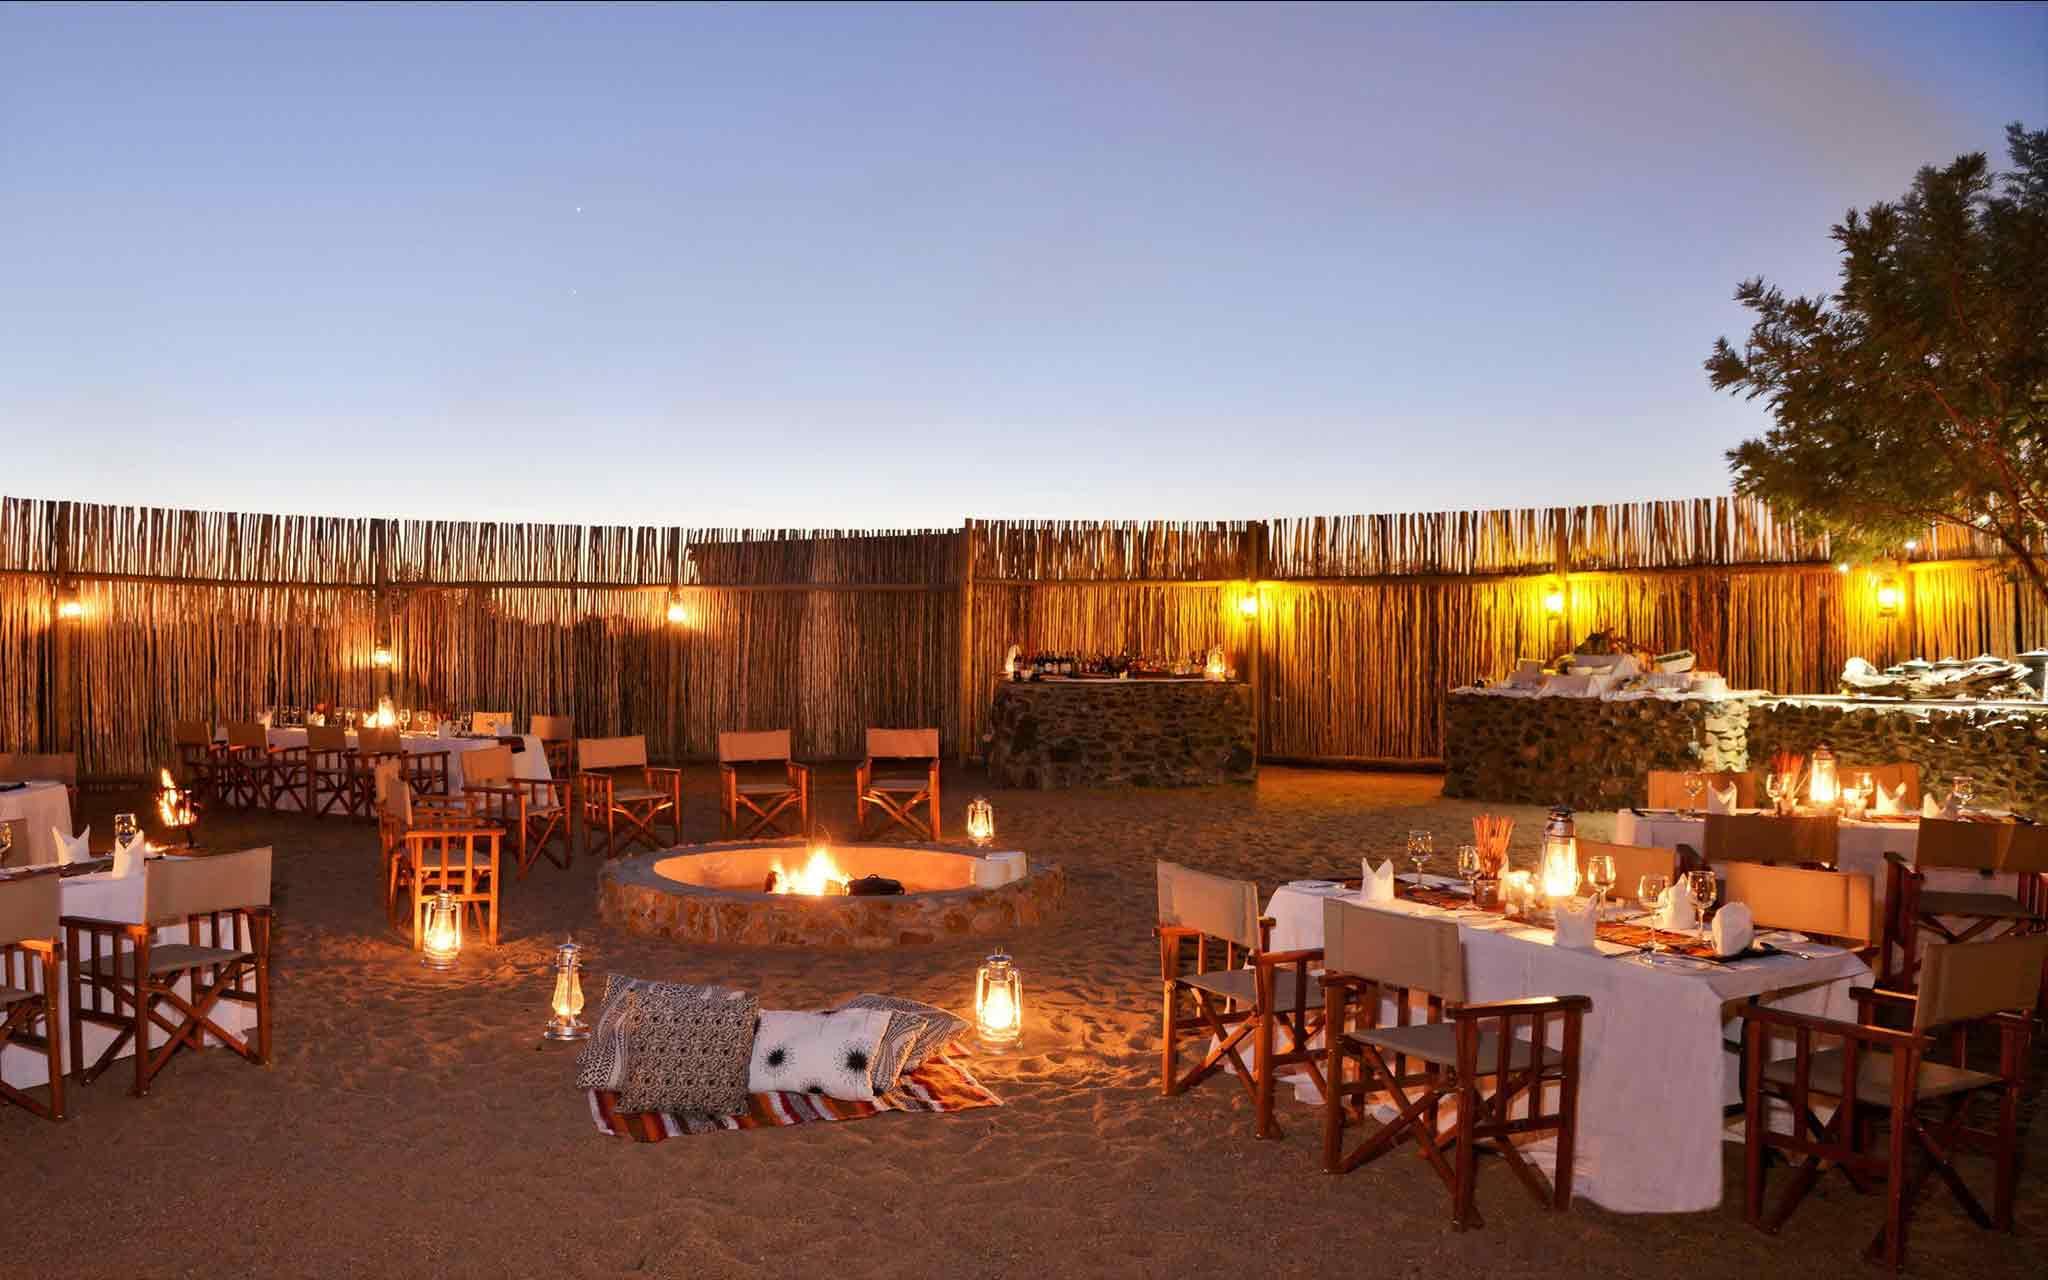 5. Imbali Safari Lodge